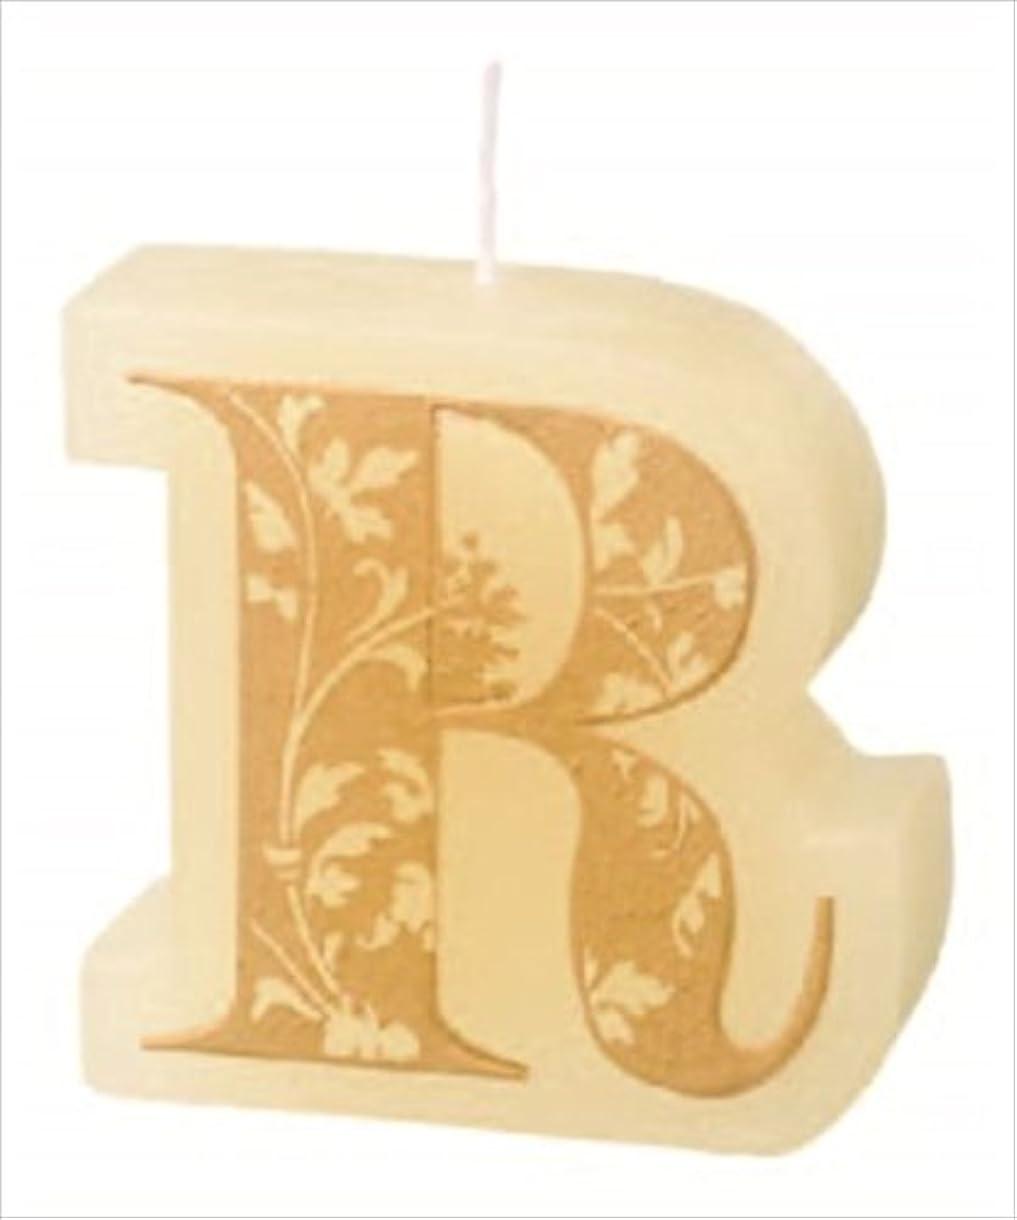 リゾート組み合わせる朝ごはんカメヤマキャンドル(kameyama candle) イニシャルキャンドルミニ 「 R 」